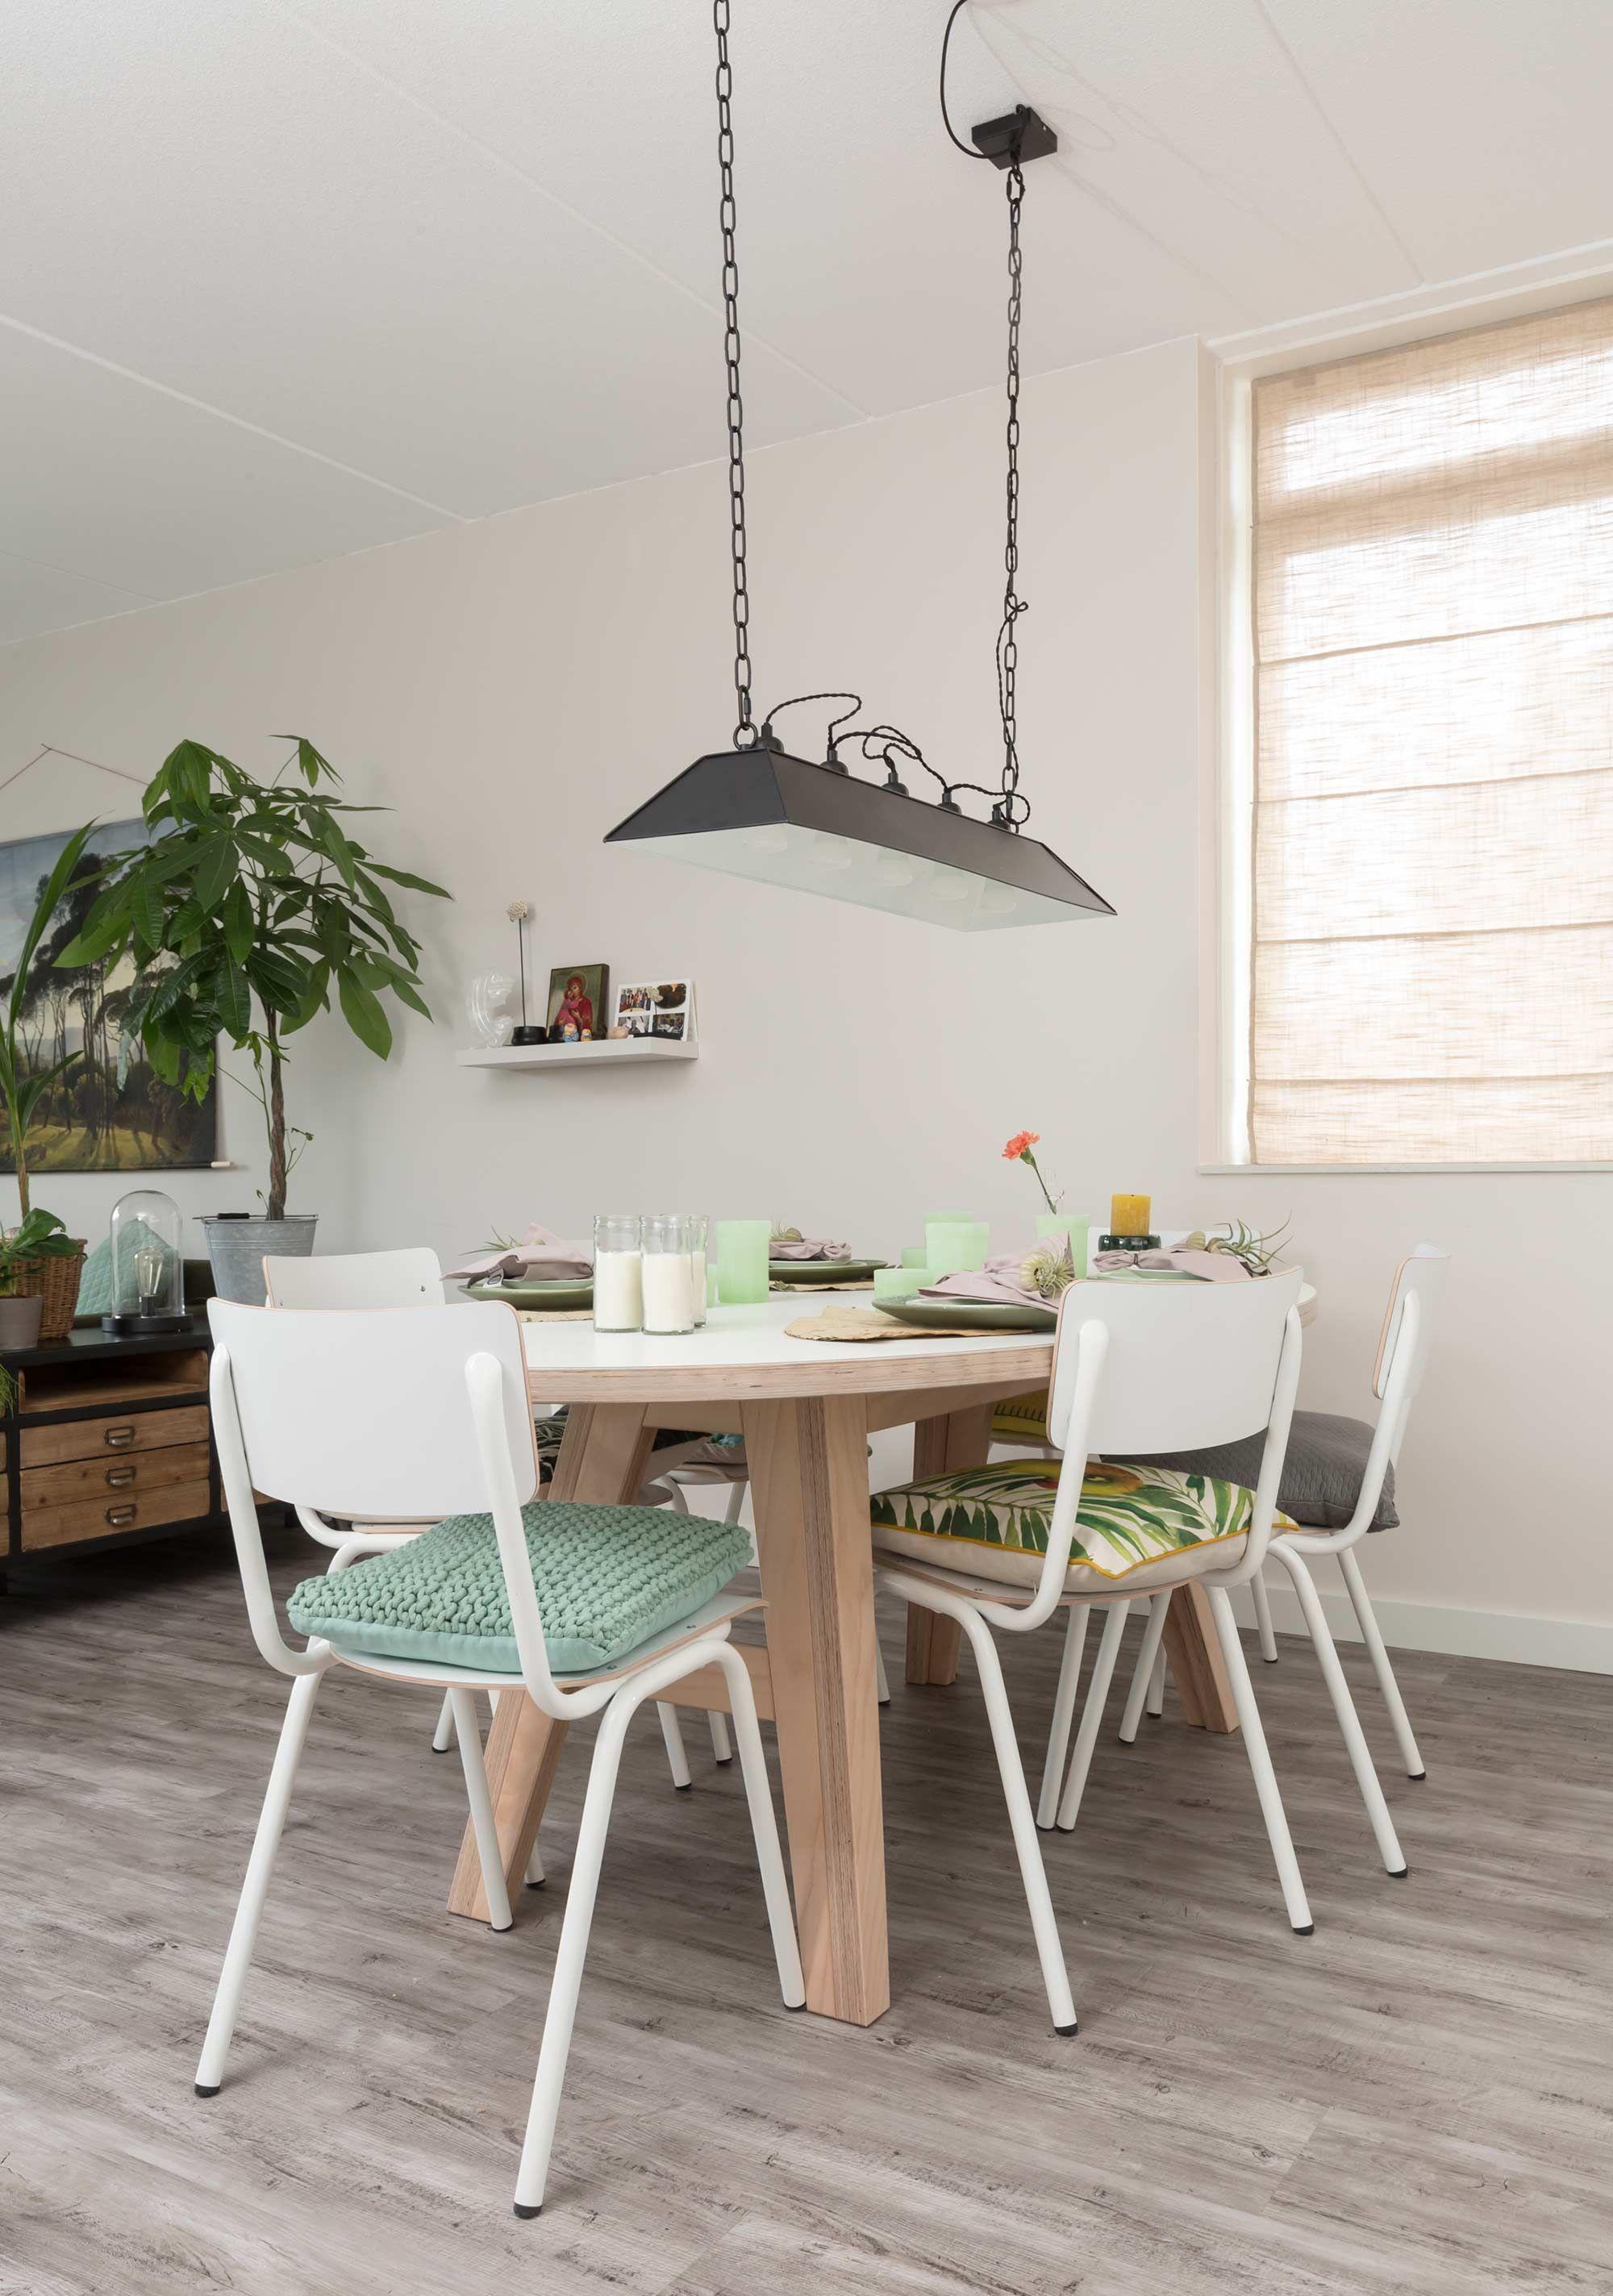 Aflevering vt wonen. inspiratie kleuren pallet, keuken woonkamer ...